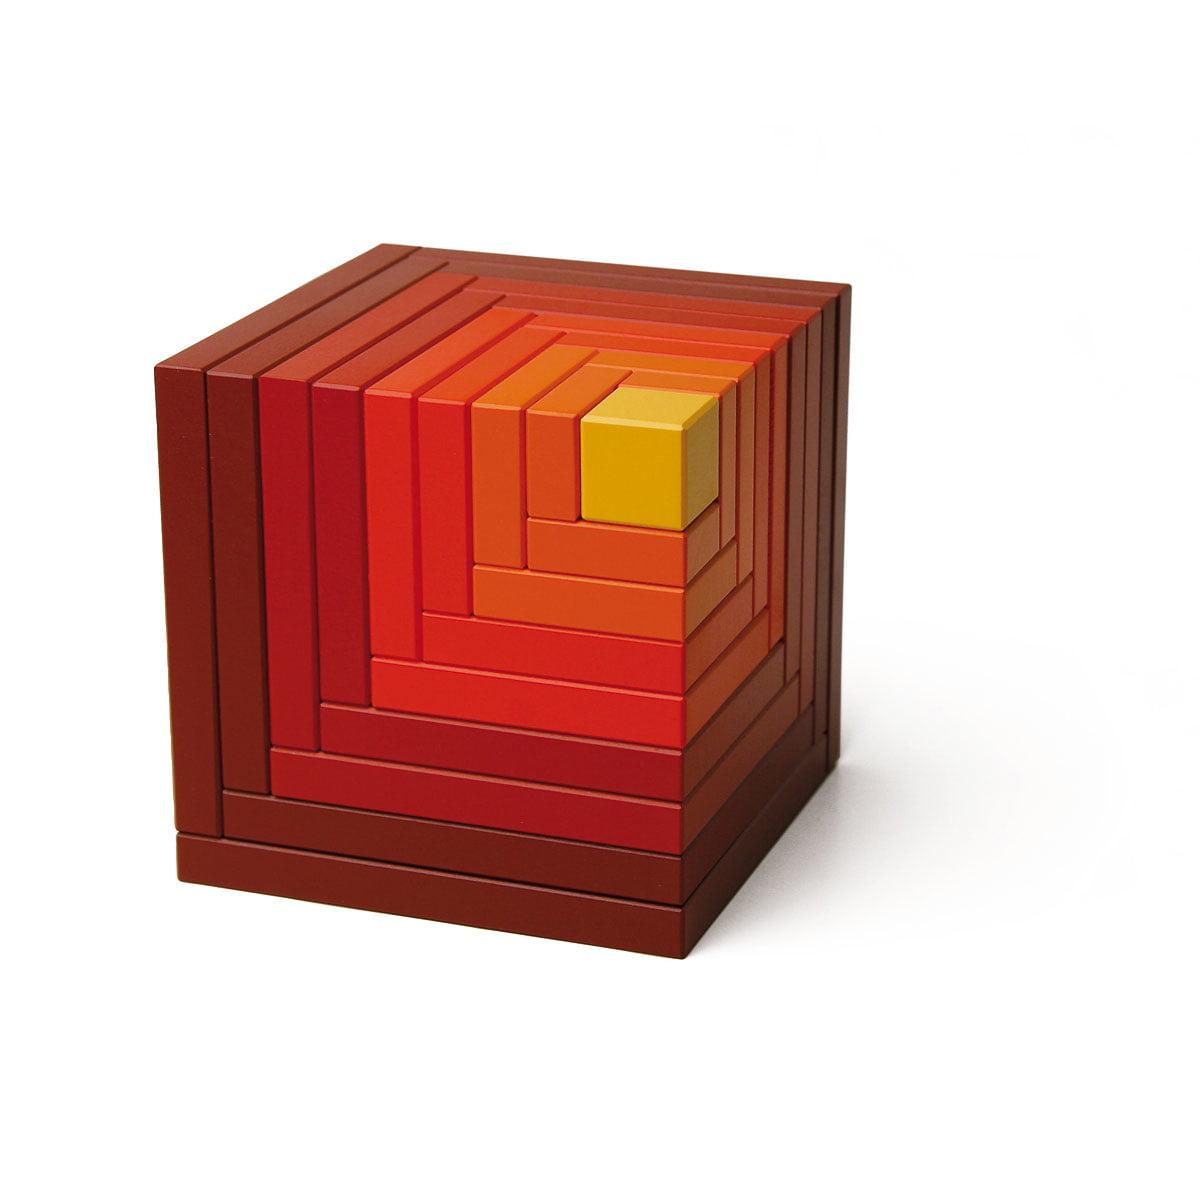 Naef Spiele - Cella Holzspielzeug, rot | Kinderzimmer > Spielzeuge > Holzspielzeuge | Rot | Holz | Naef Spiele